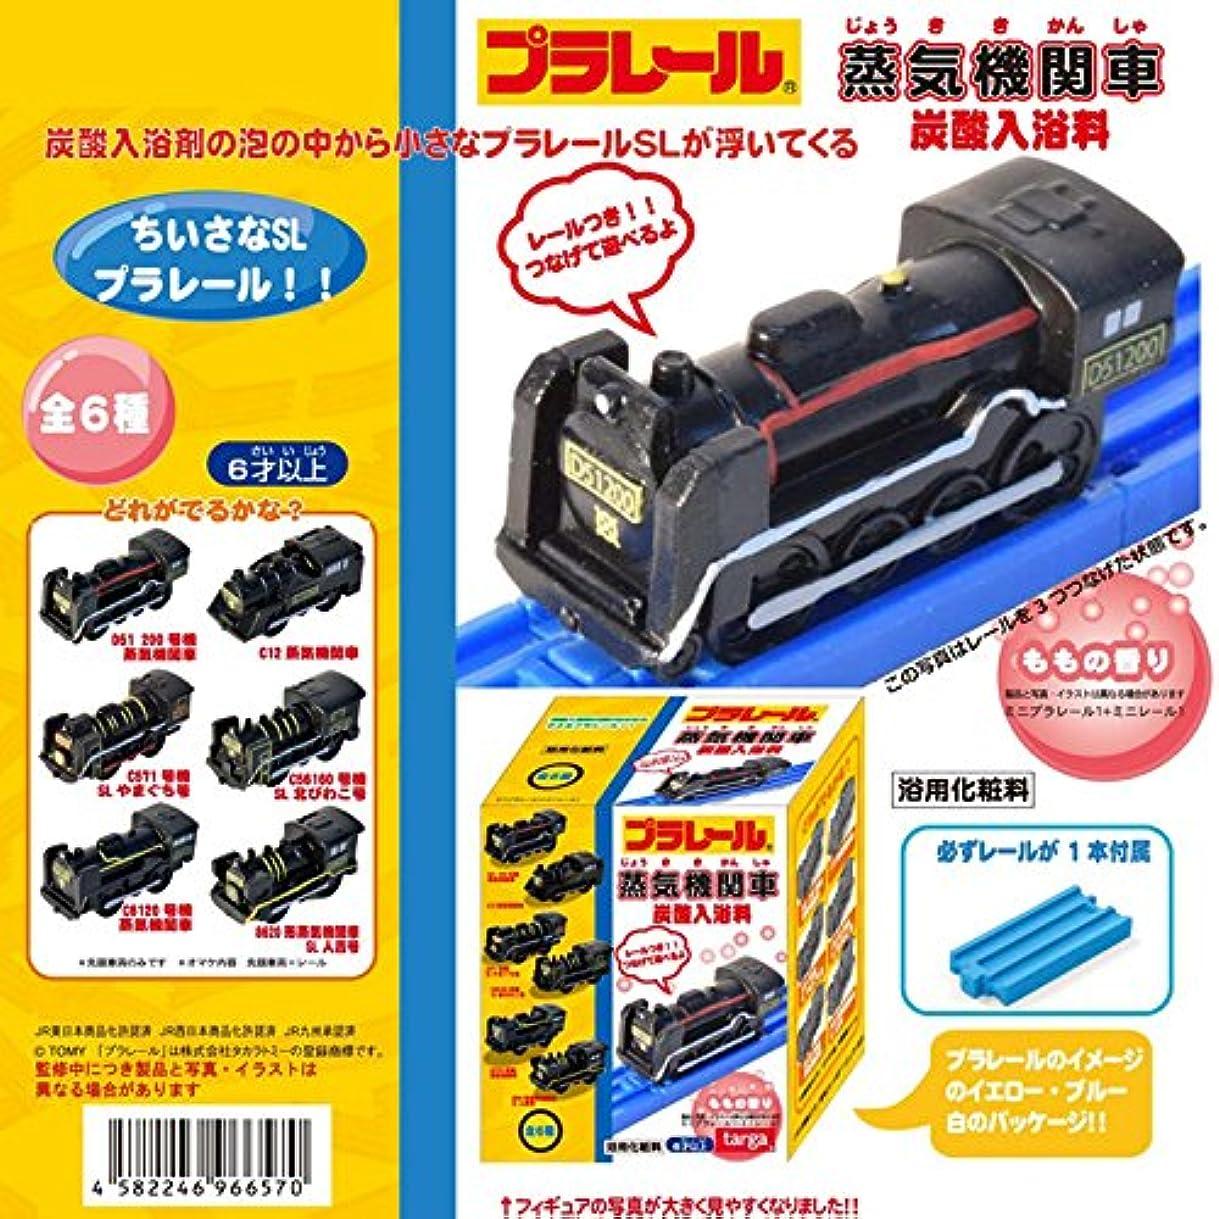 効果的に抹消兵士プラレール 蒸気機関車 炭酸入浴料 6個1セット ももの香り レールつき機関車 入浴剤